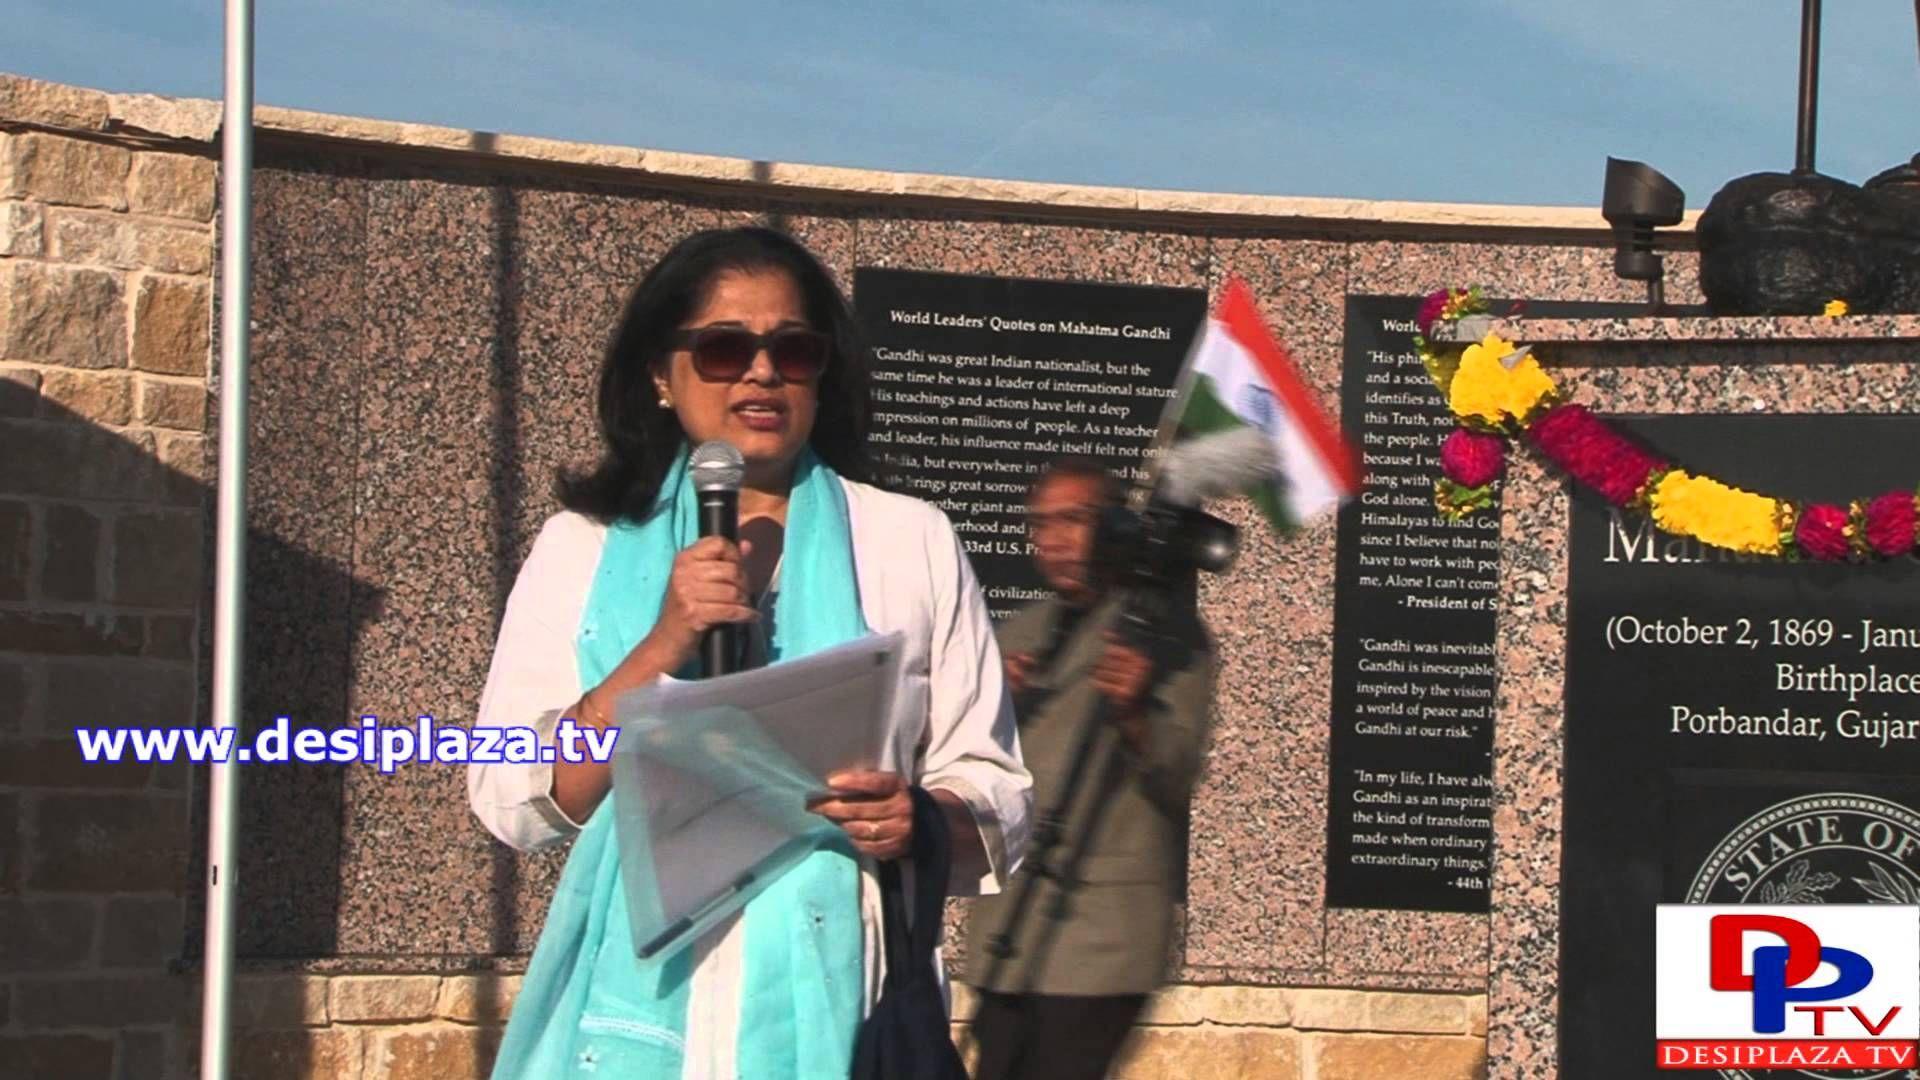 Mrskanya Gandhi Bharat Ram Great Grand Daughter Of